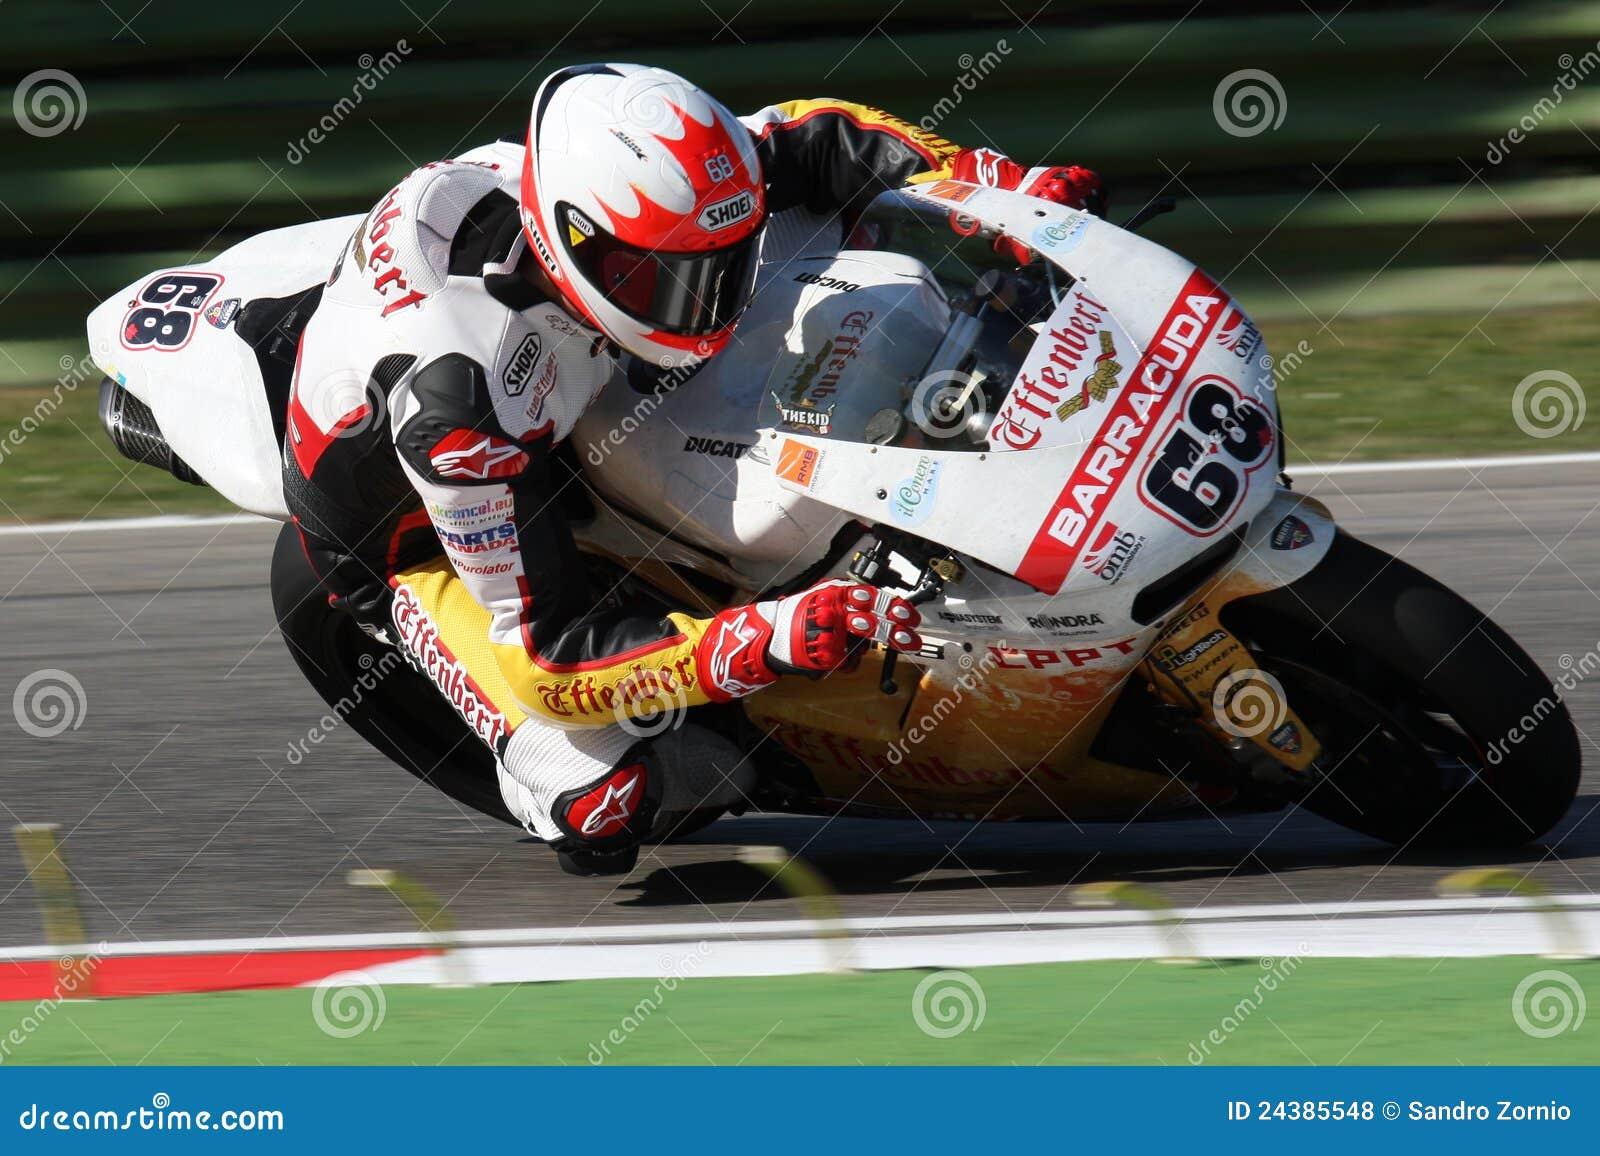 Brett McCormick - Ducati 1098R - Effenbert Liberty